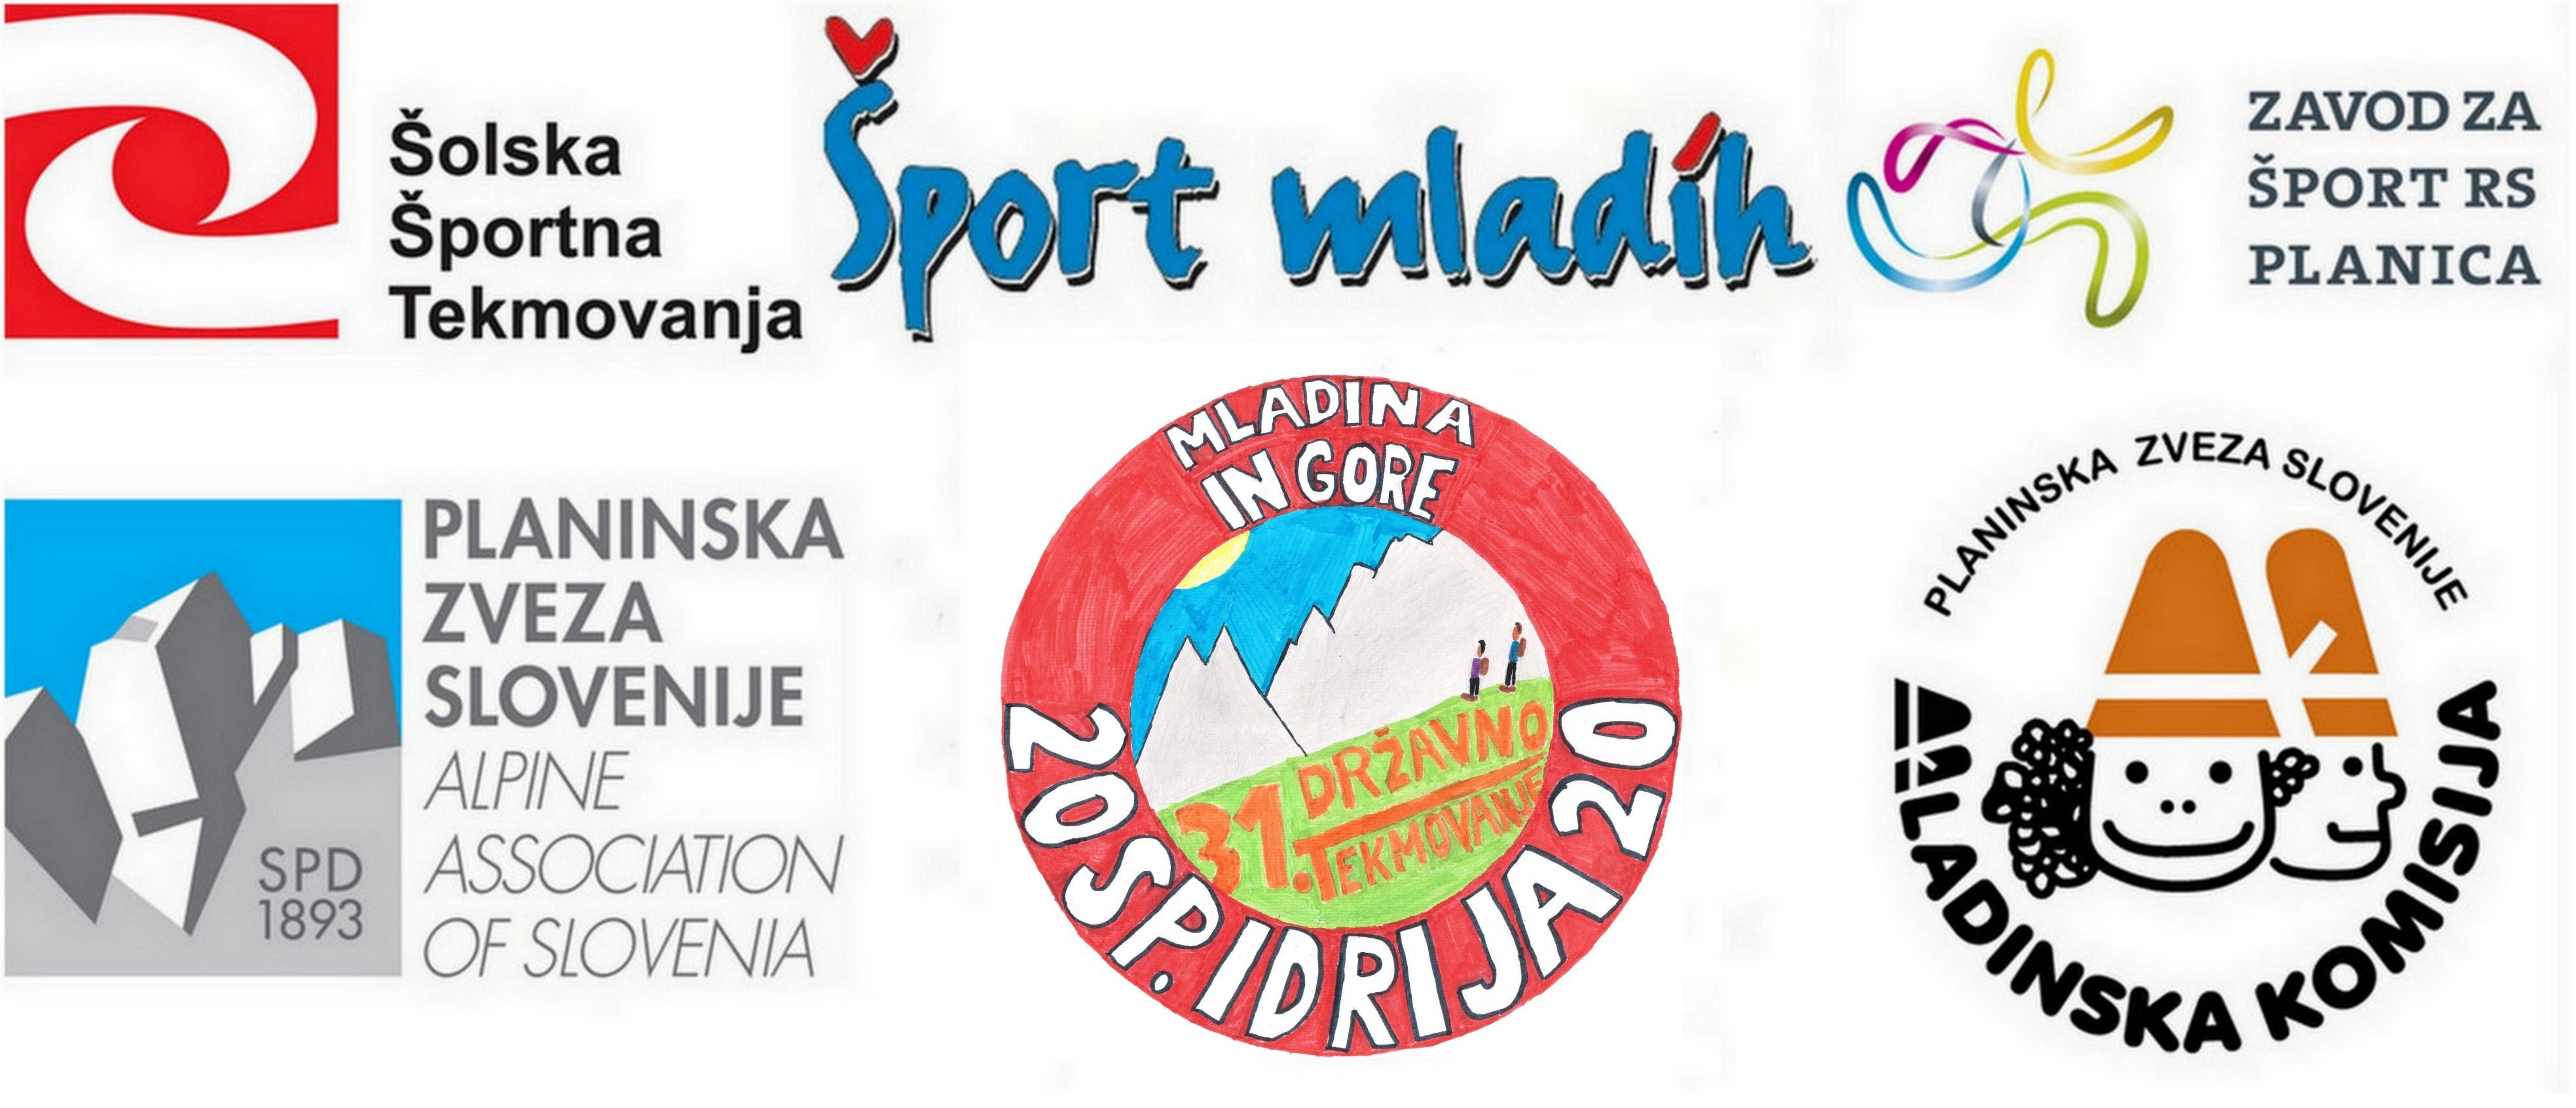 mladina_in_gore_2020